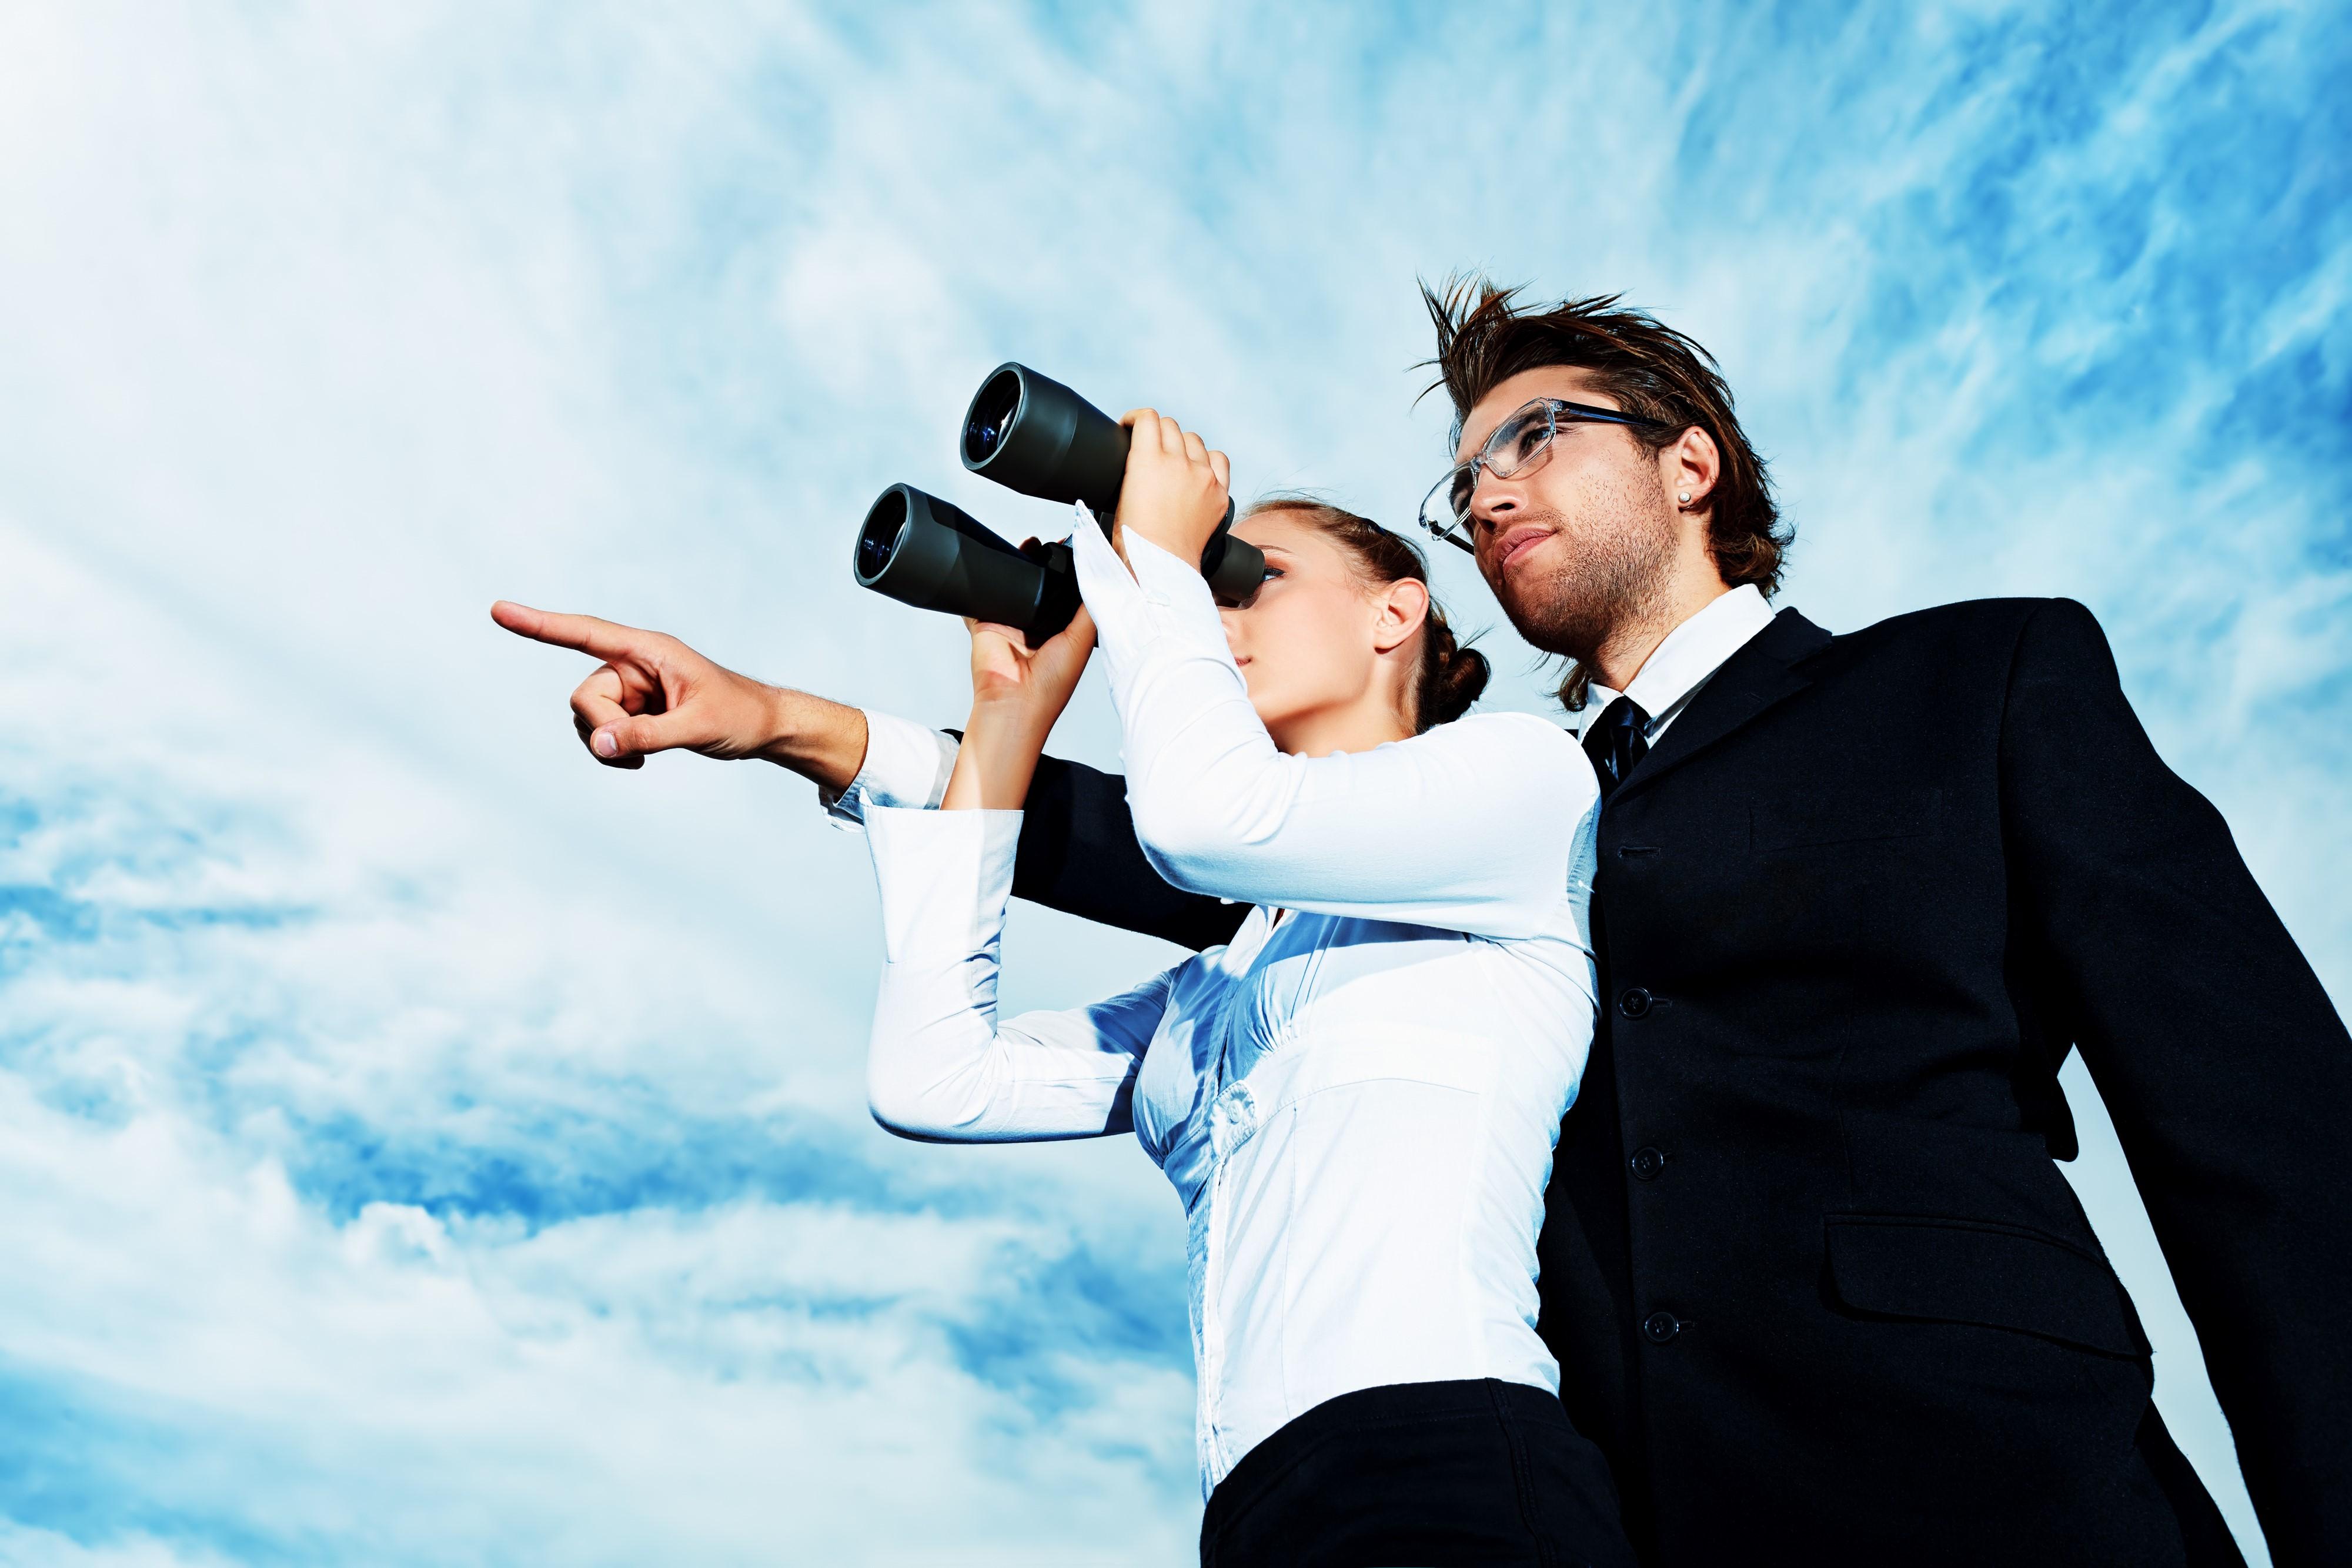 cms/images/new--dual-career/Dual_Career-Karriere_im_Doppelpack_Neu.jpg